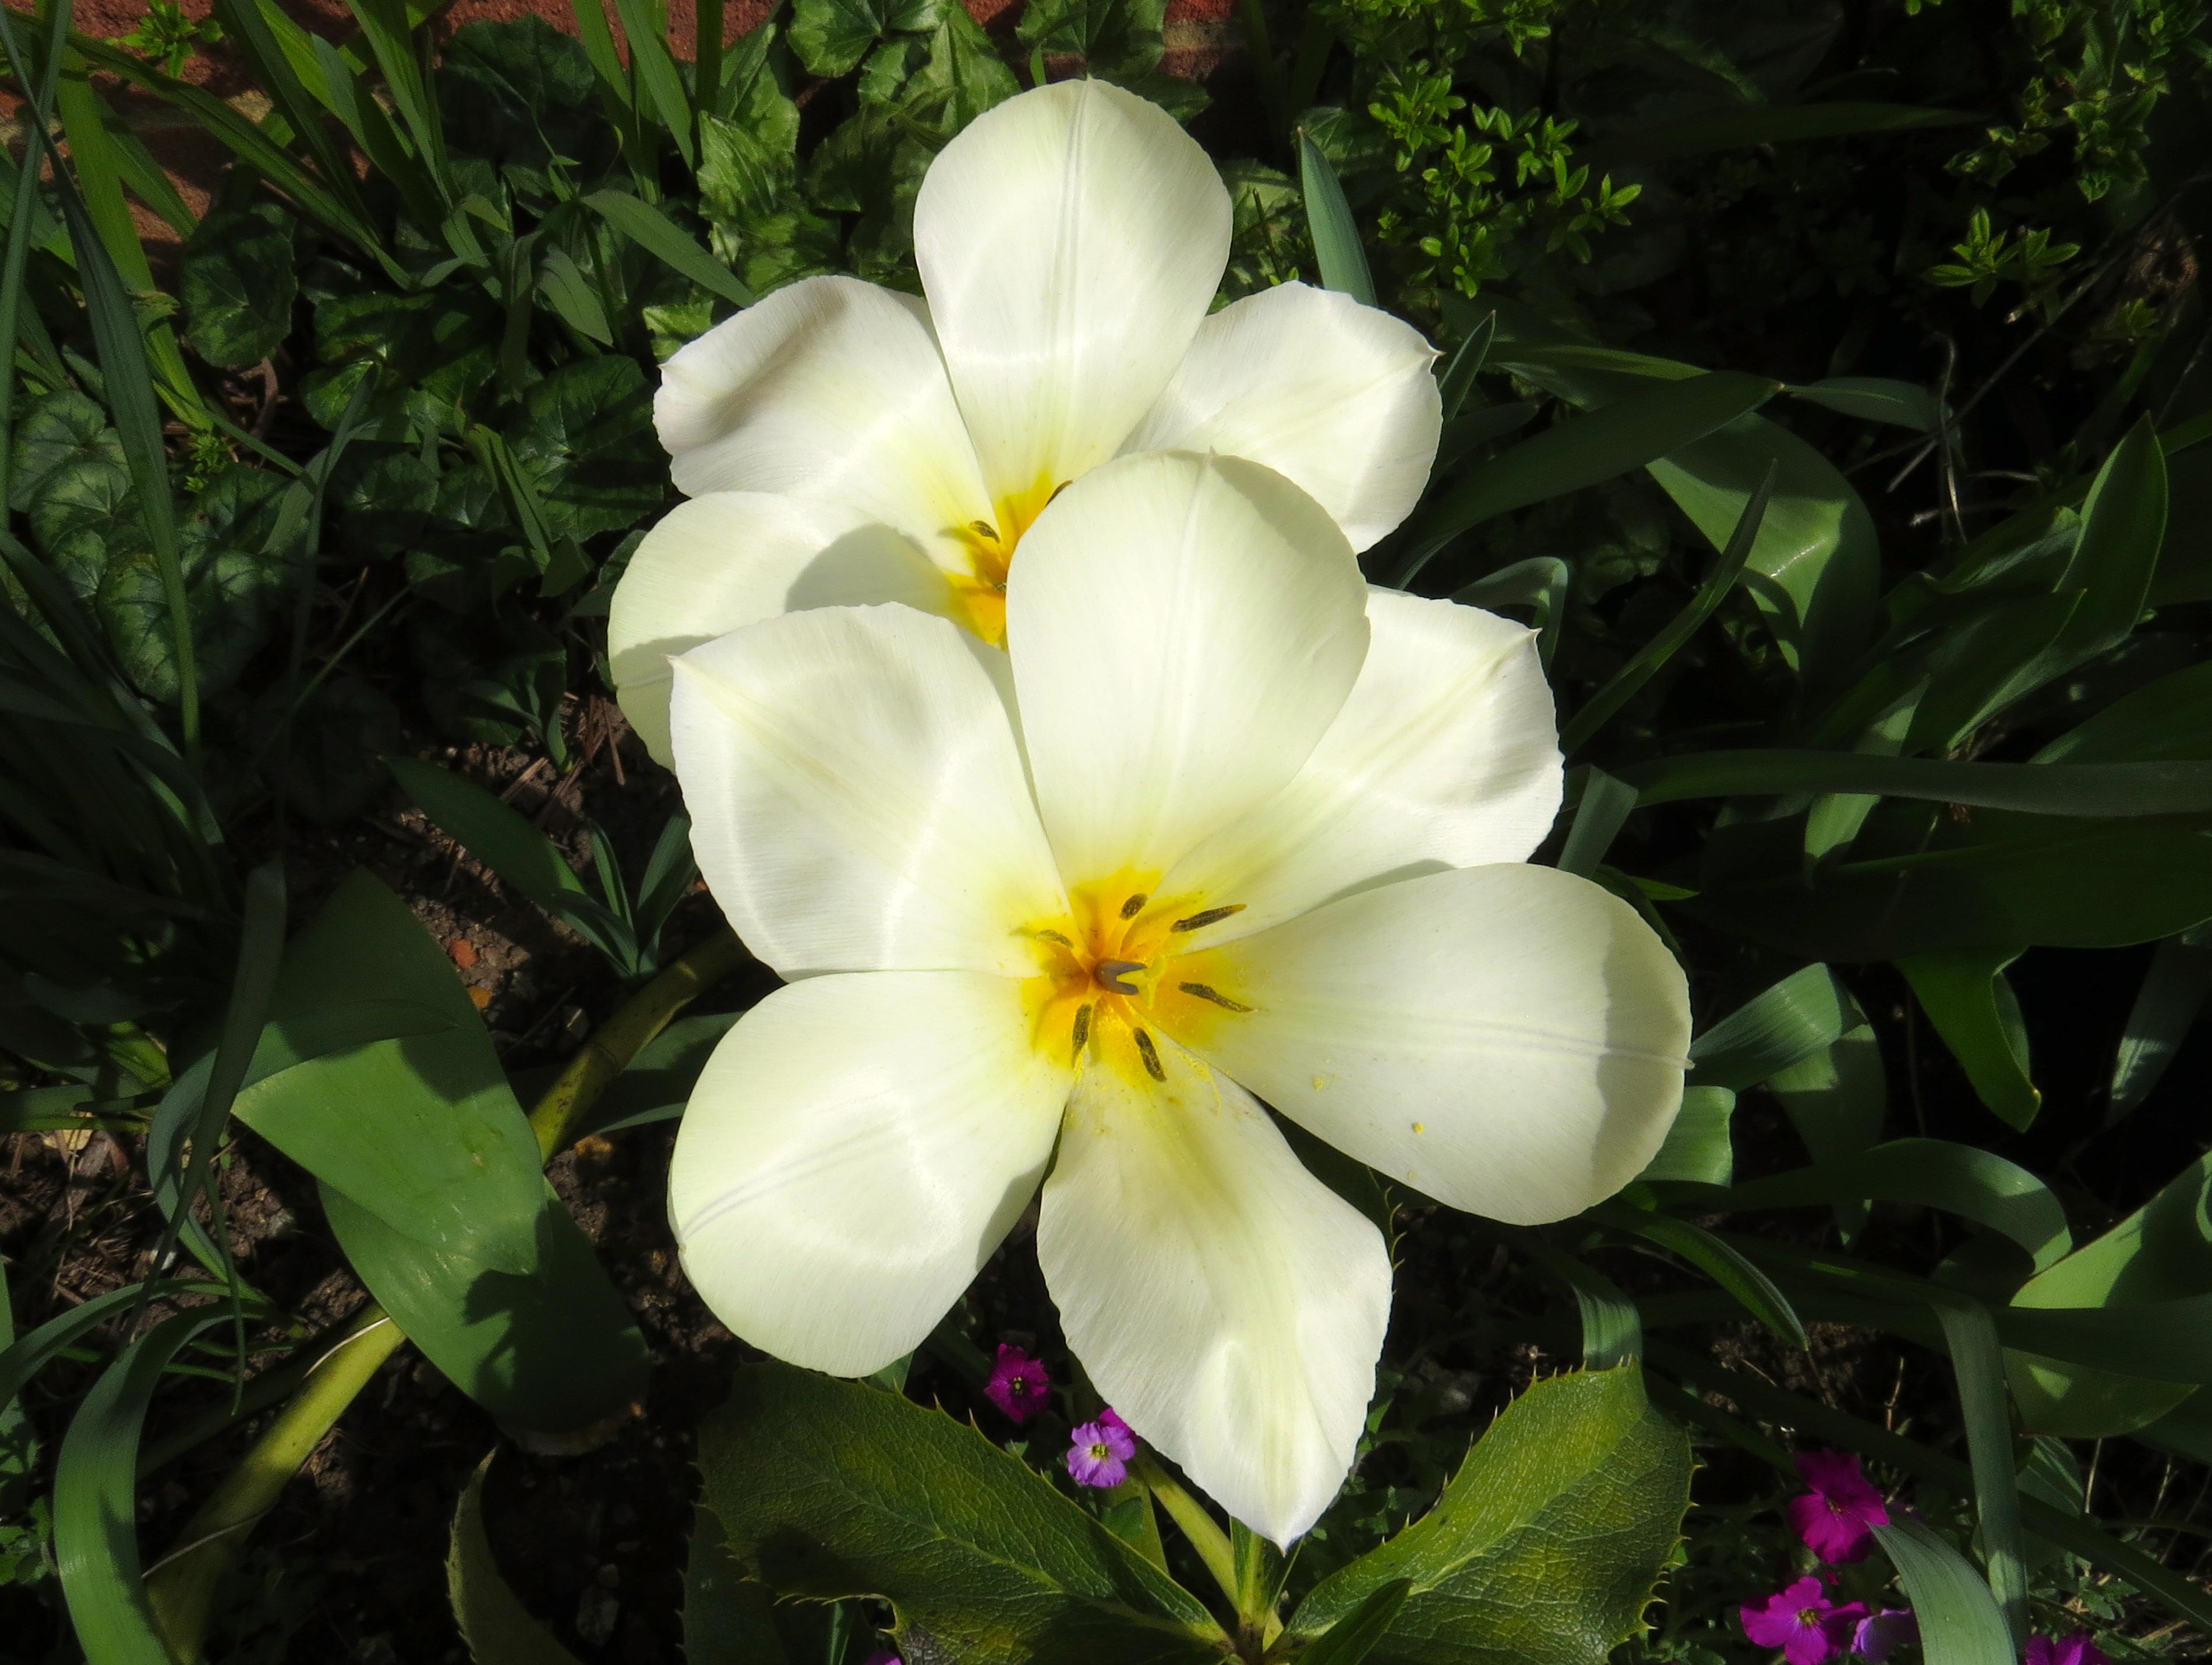 Tulips in my mum's garden.